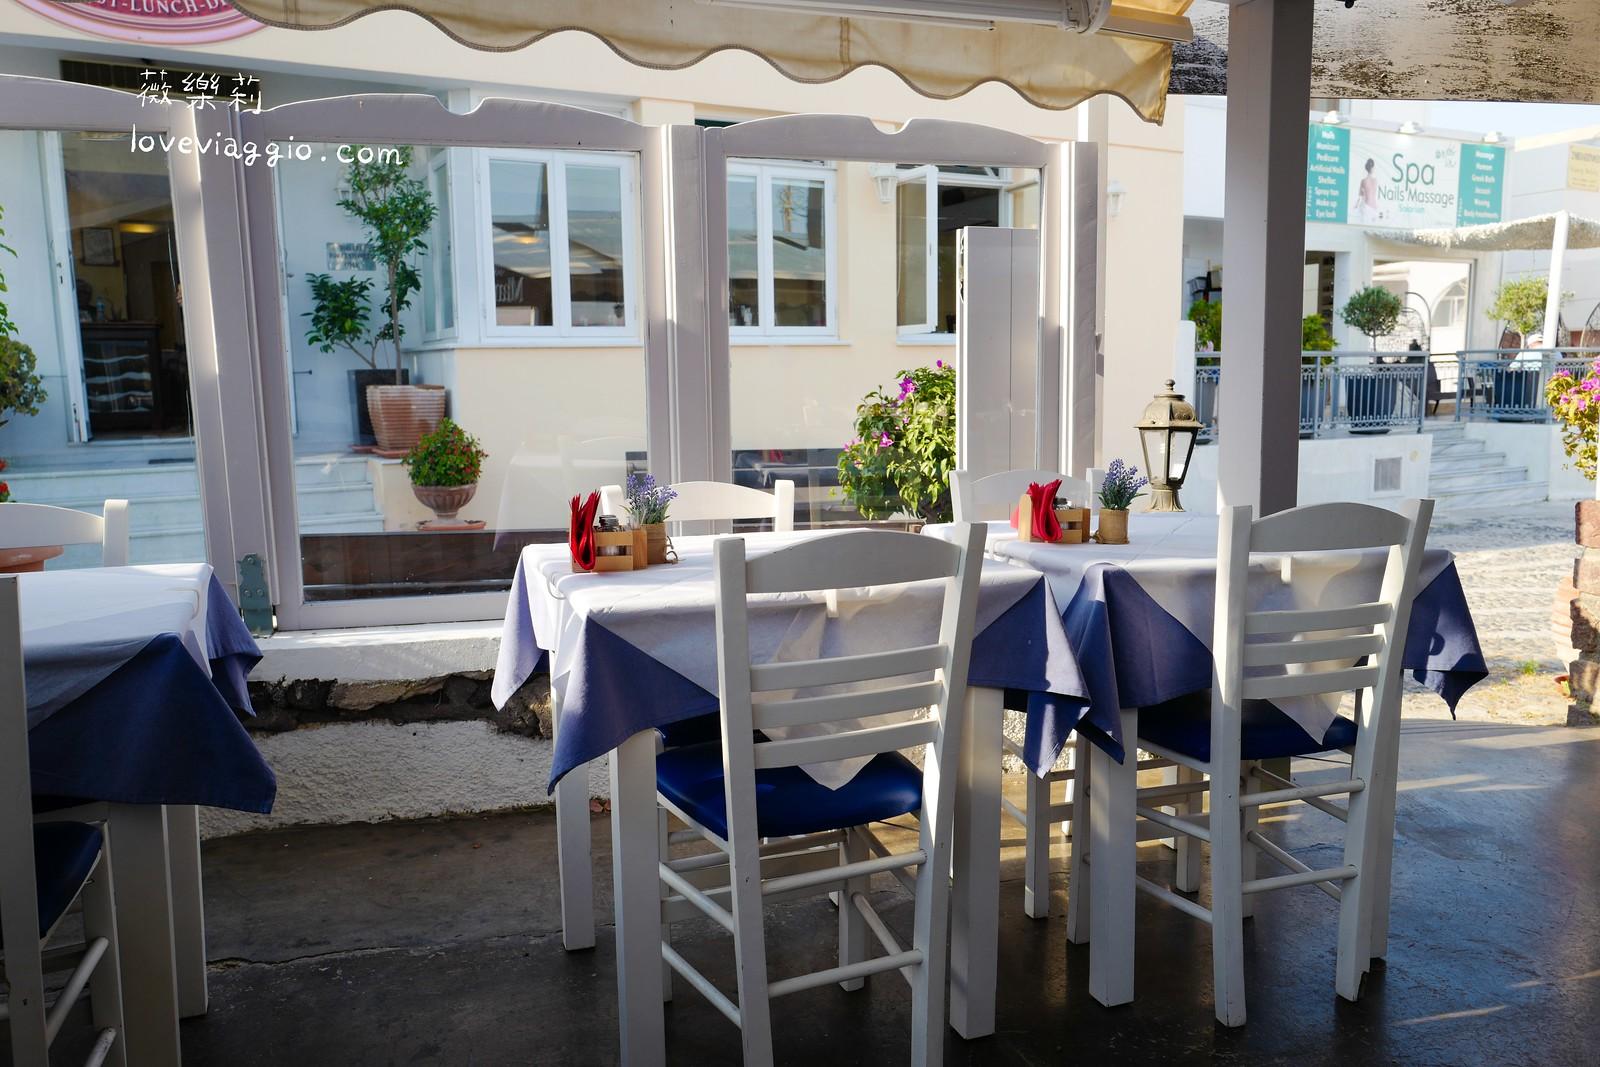 【希臘聖托里尼 Santorini】費拉晚餐 網路人氣Mama's House 除了平價其他不推 @薇樂莉 Love Viaggio   旅行.生活.攝影